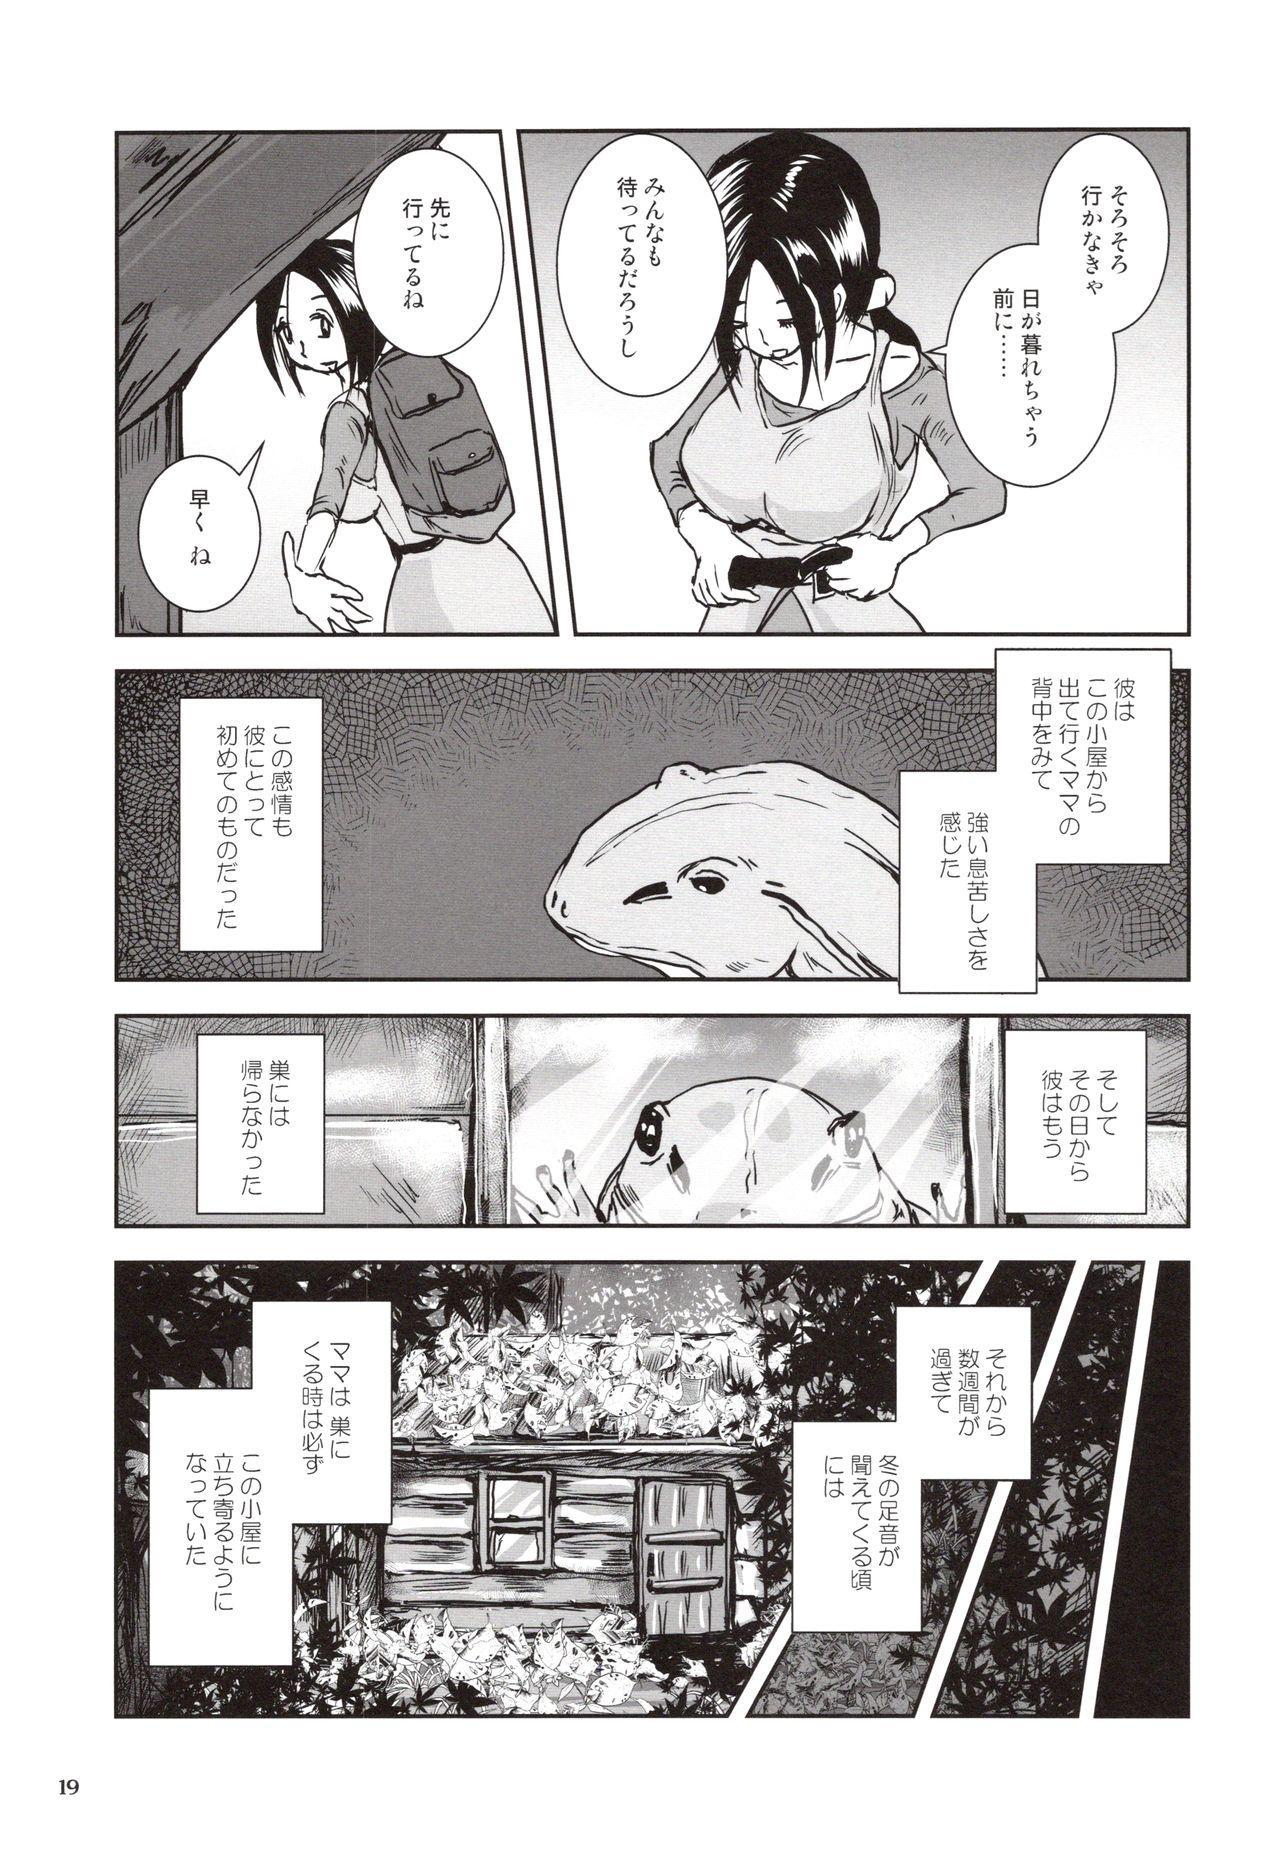 Kinshin Kaerukan - Mama o Aishi Sugita Kogaeru no Monogatari 17